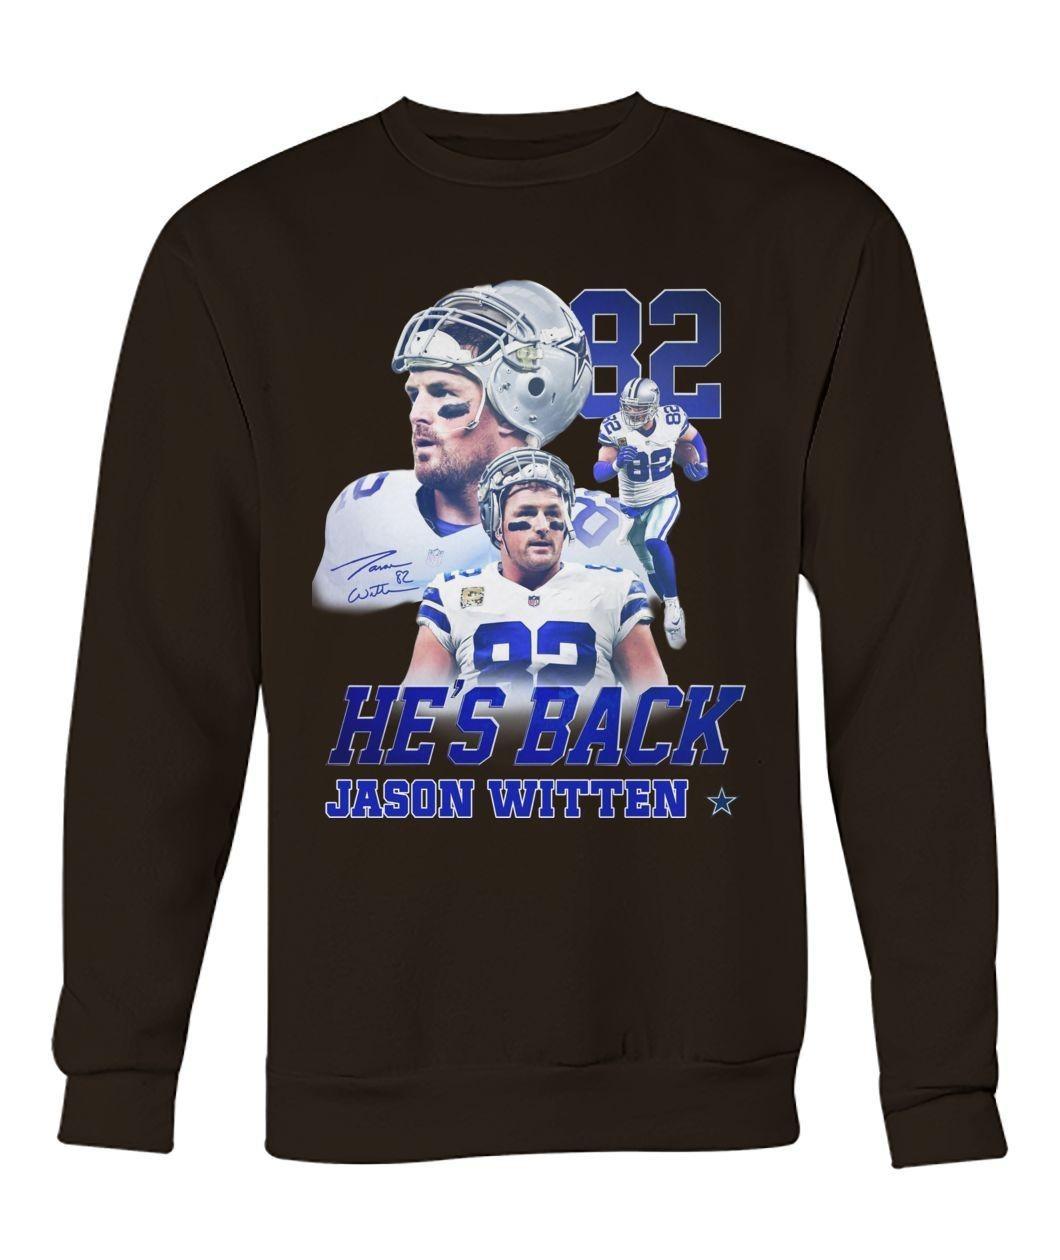 He's back Jason Witten 82 sweatshirt